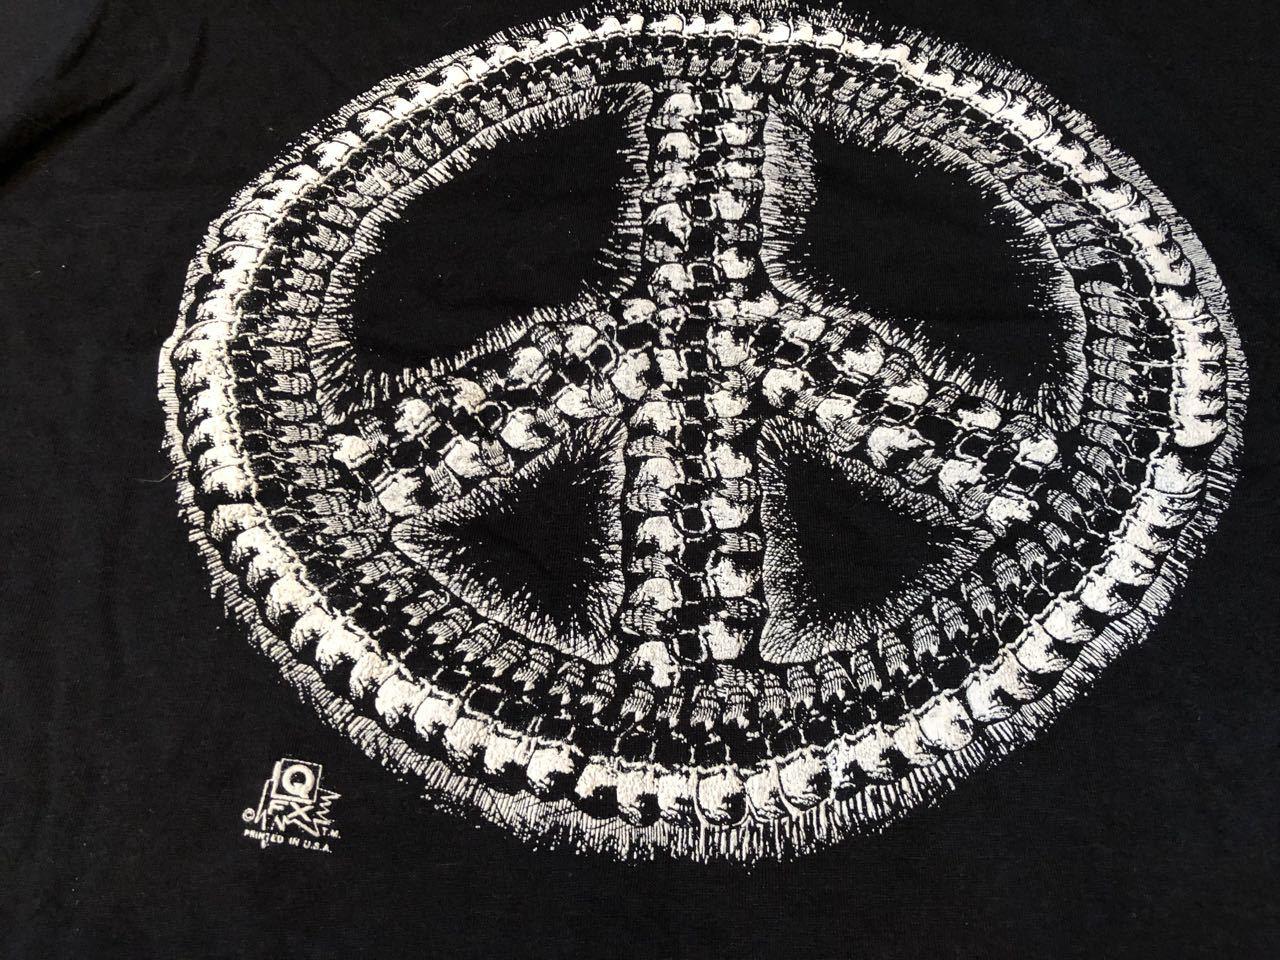 8月9日(月)入荷!80s スカル ピース プリント Tシャツ!_c0144020_17435123.jpg